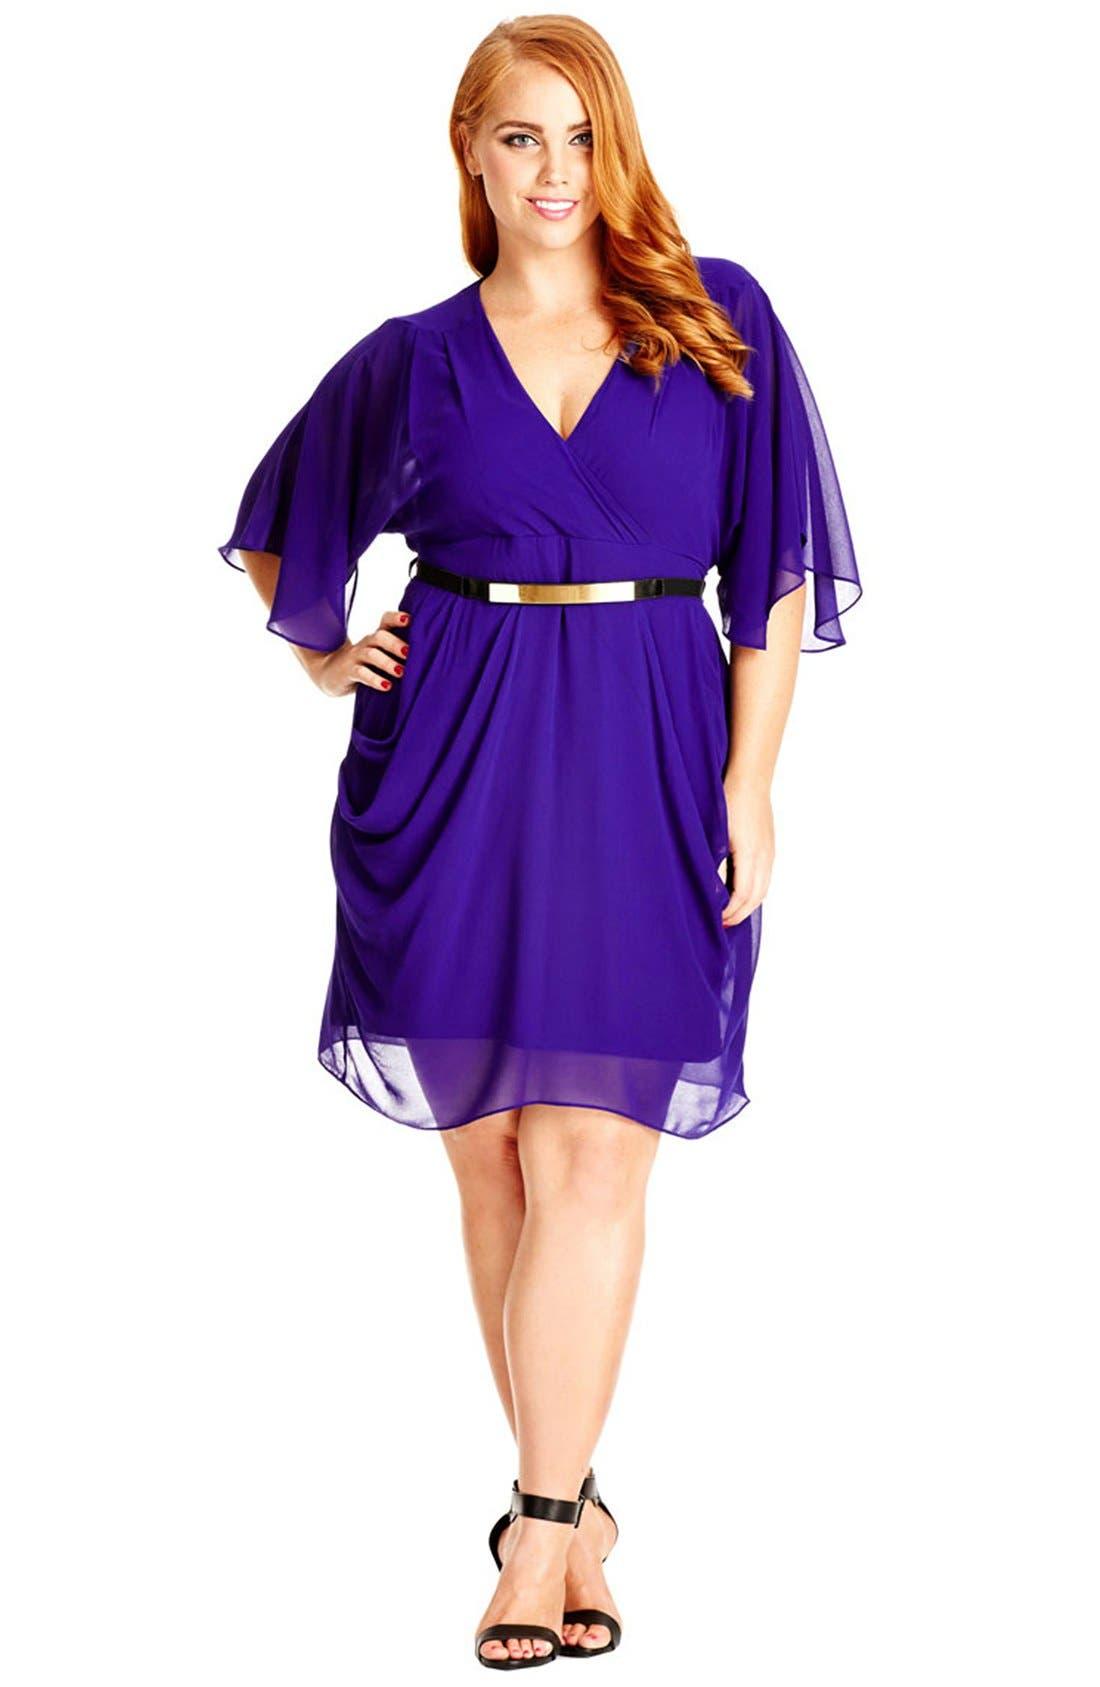 Main Image - City Chic 'Colour Wrap' Surplice Dress (Plus Size)